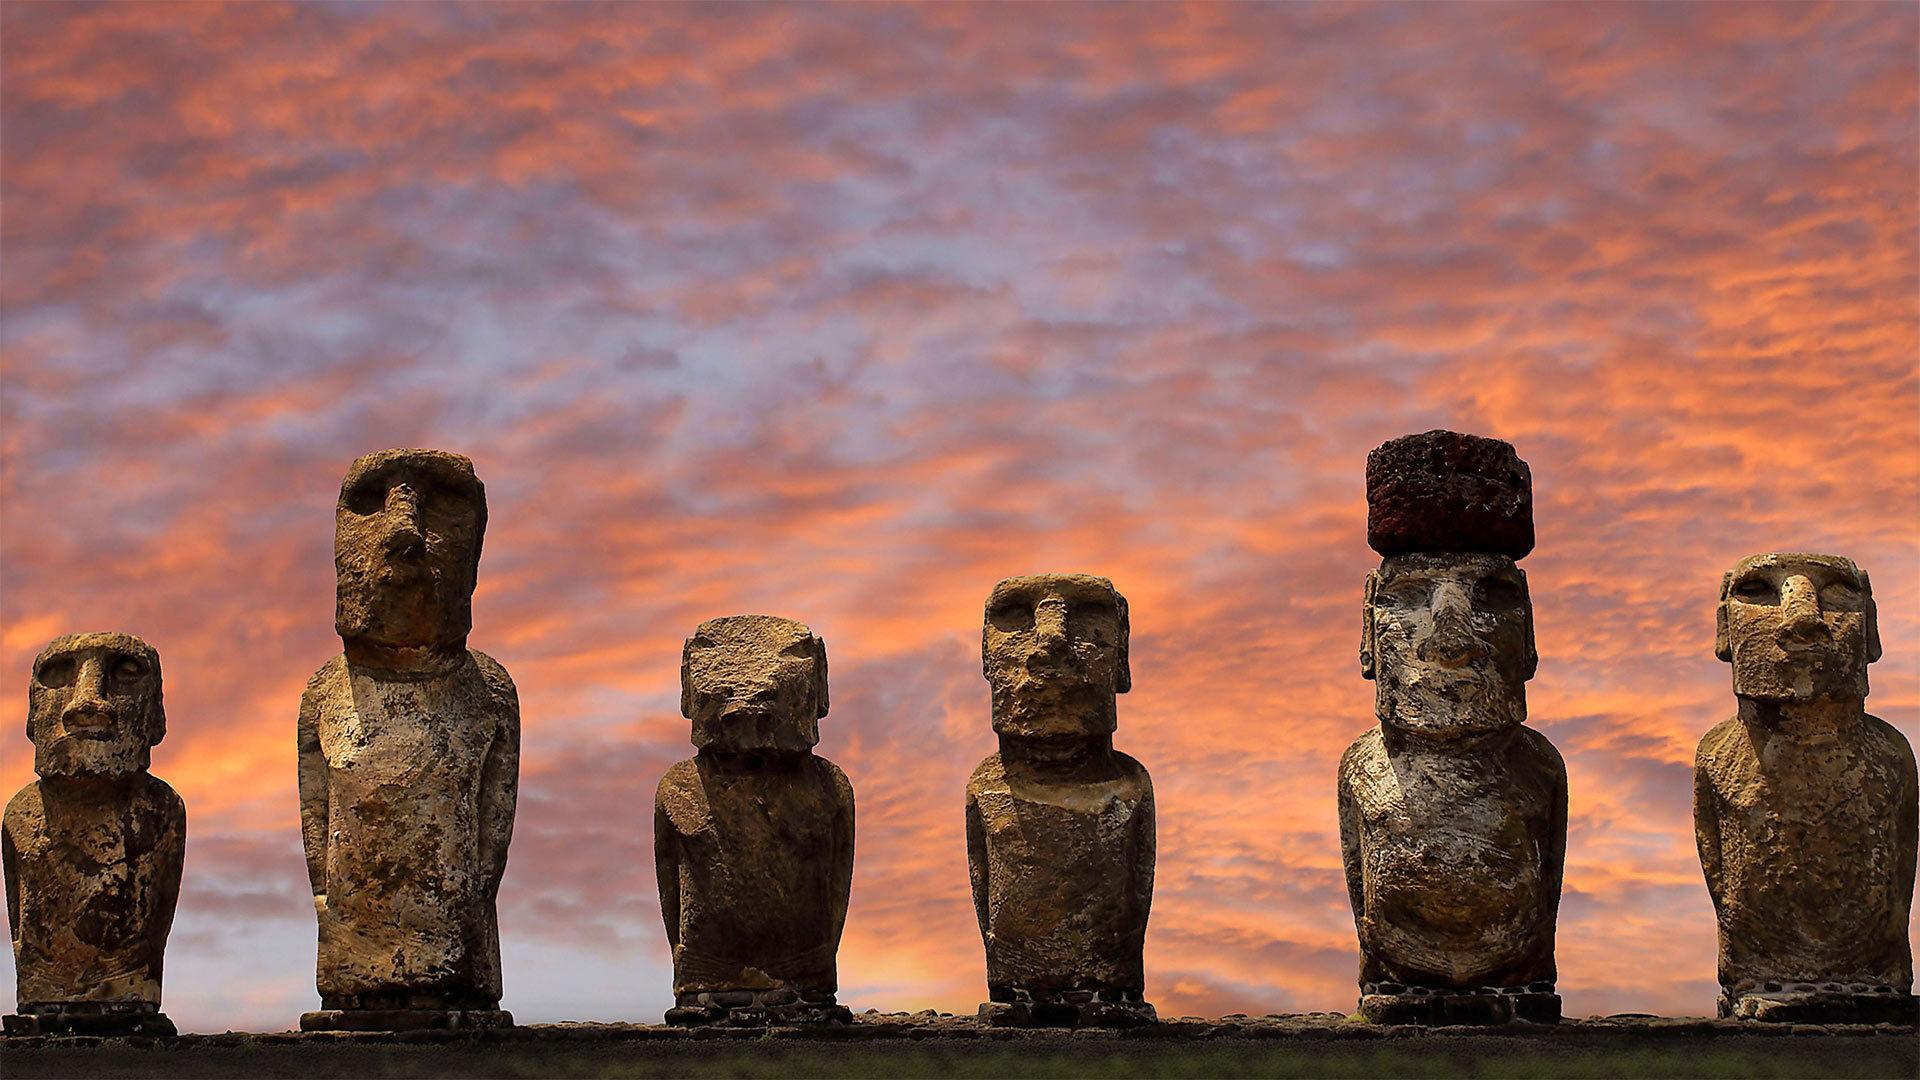 拉帕努伊国家公园中阿胡汤加里基的摩艾石像摩艾石像